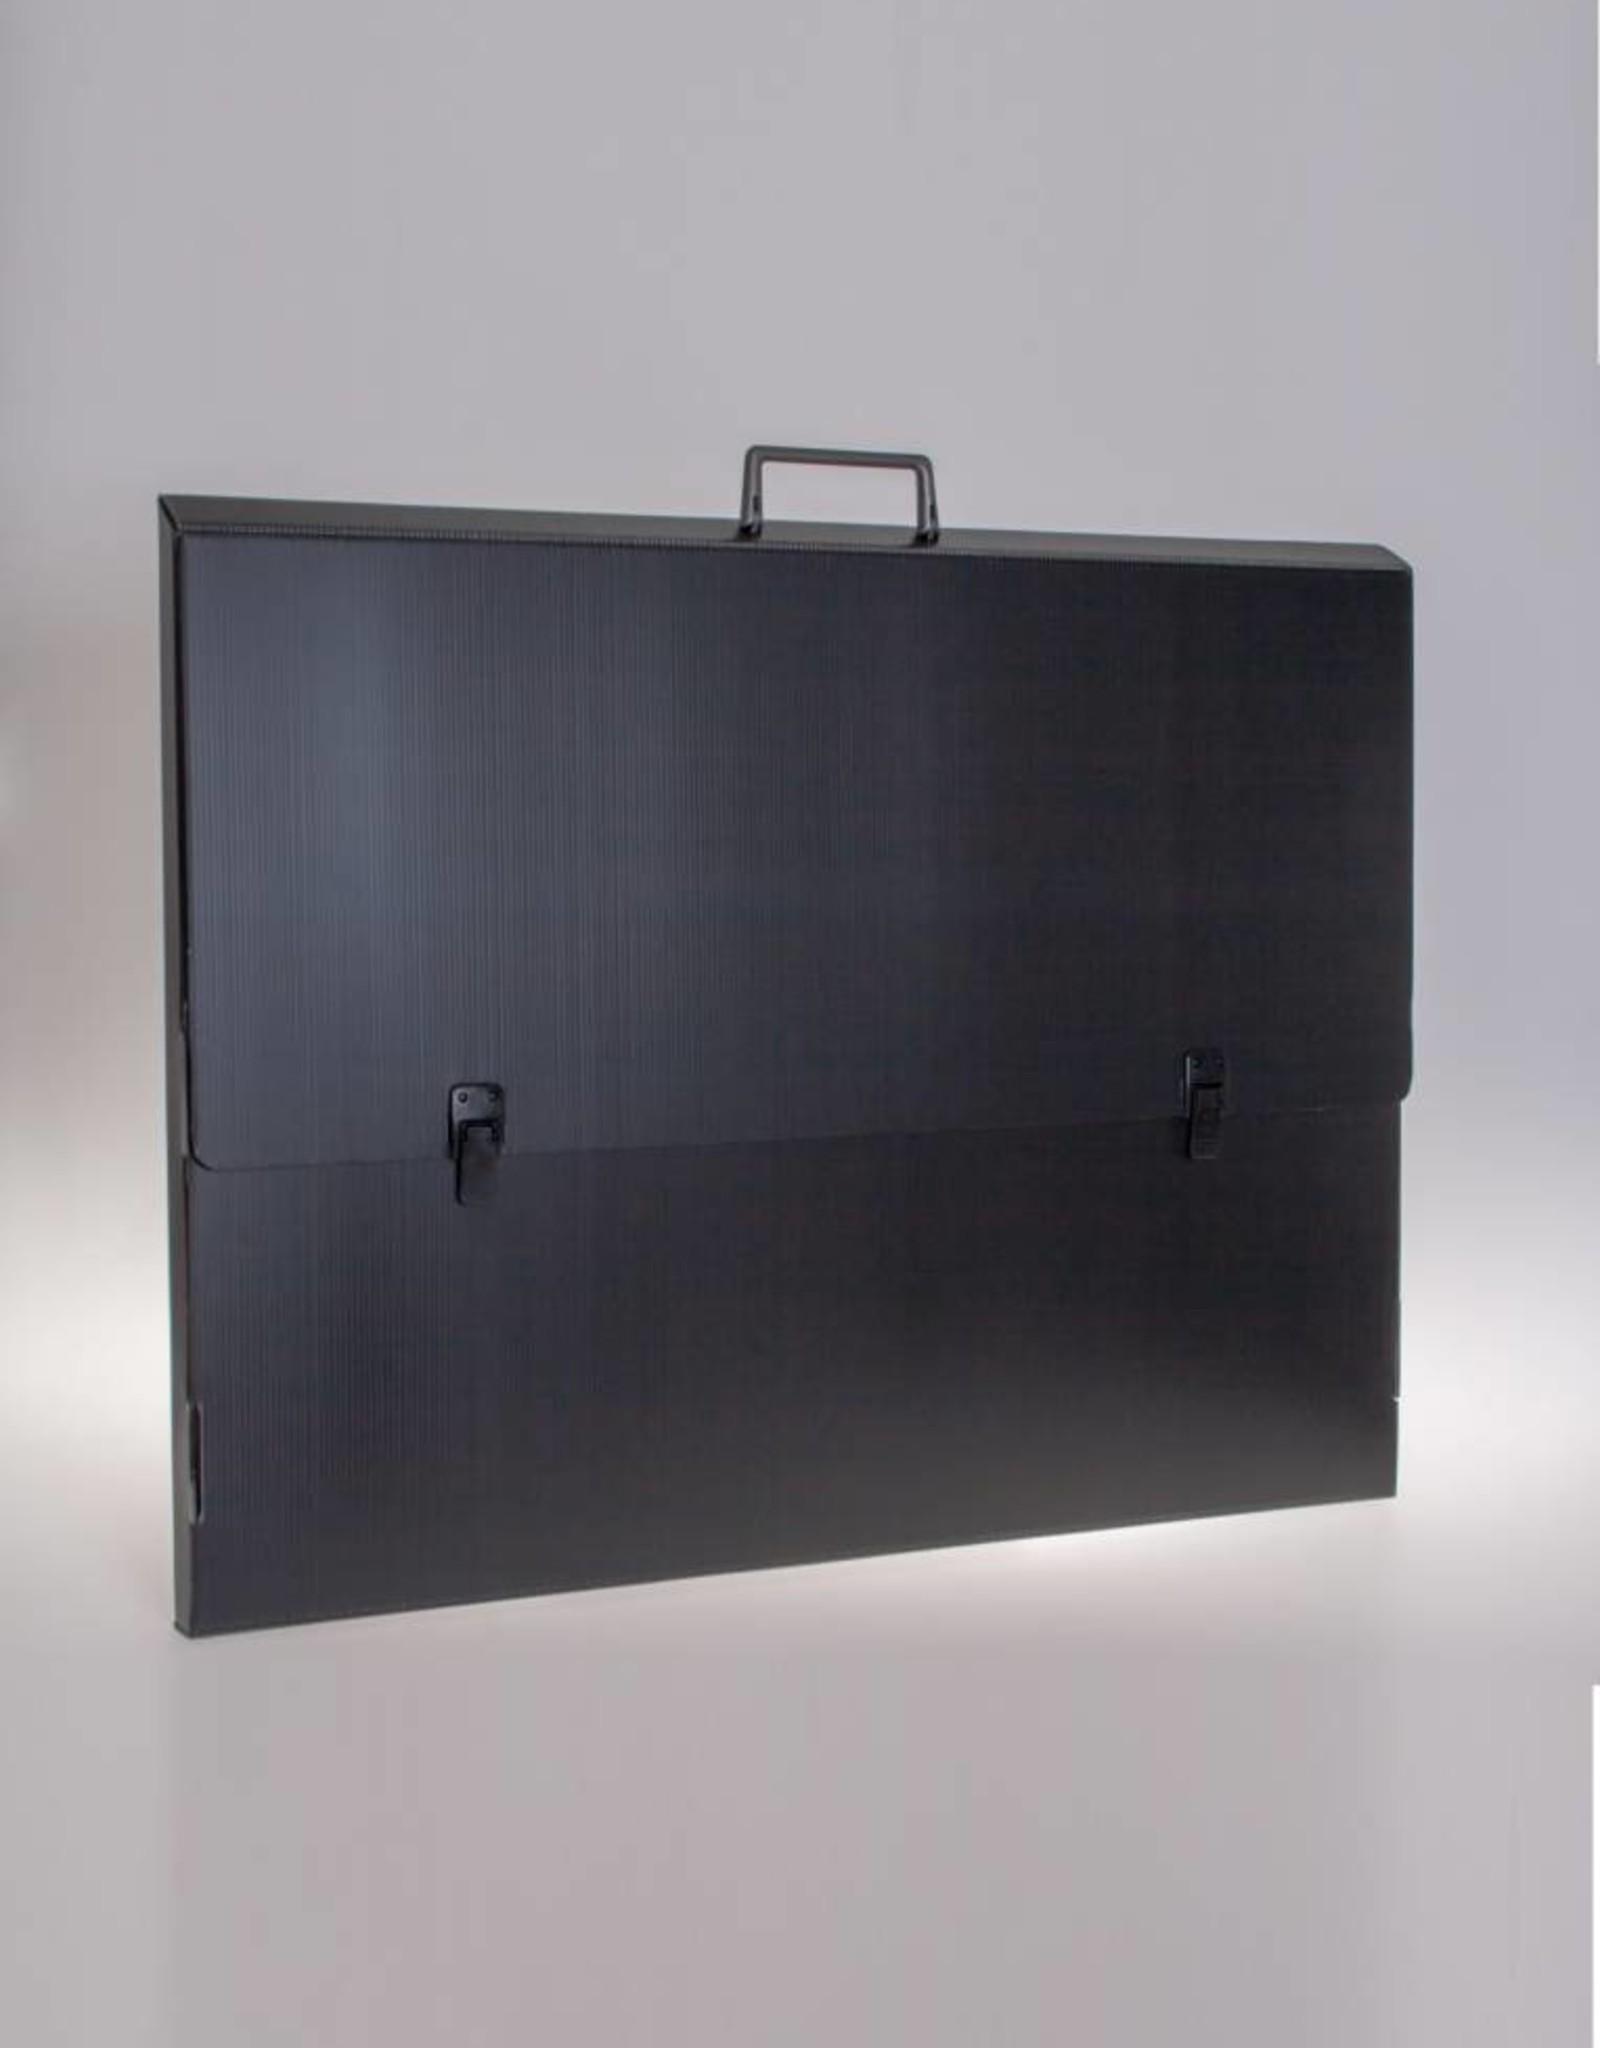 RibbleBox Portfoliocase 63 x 85 cm